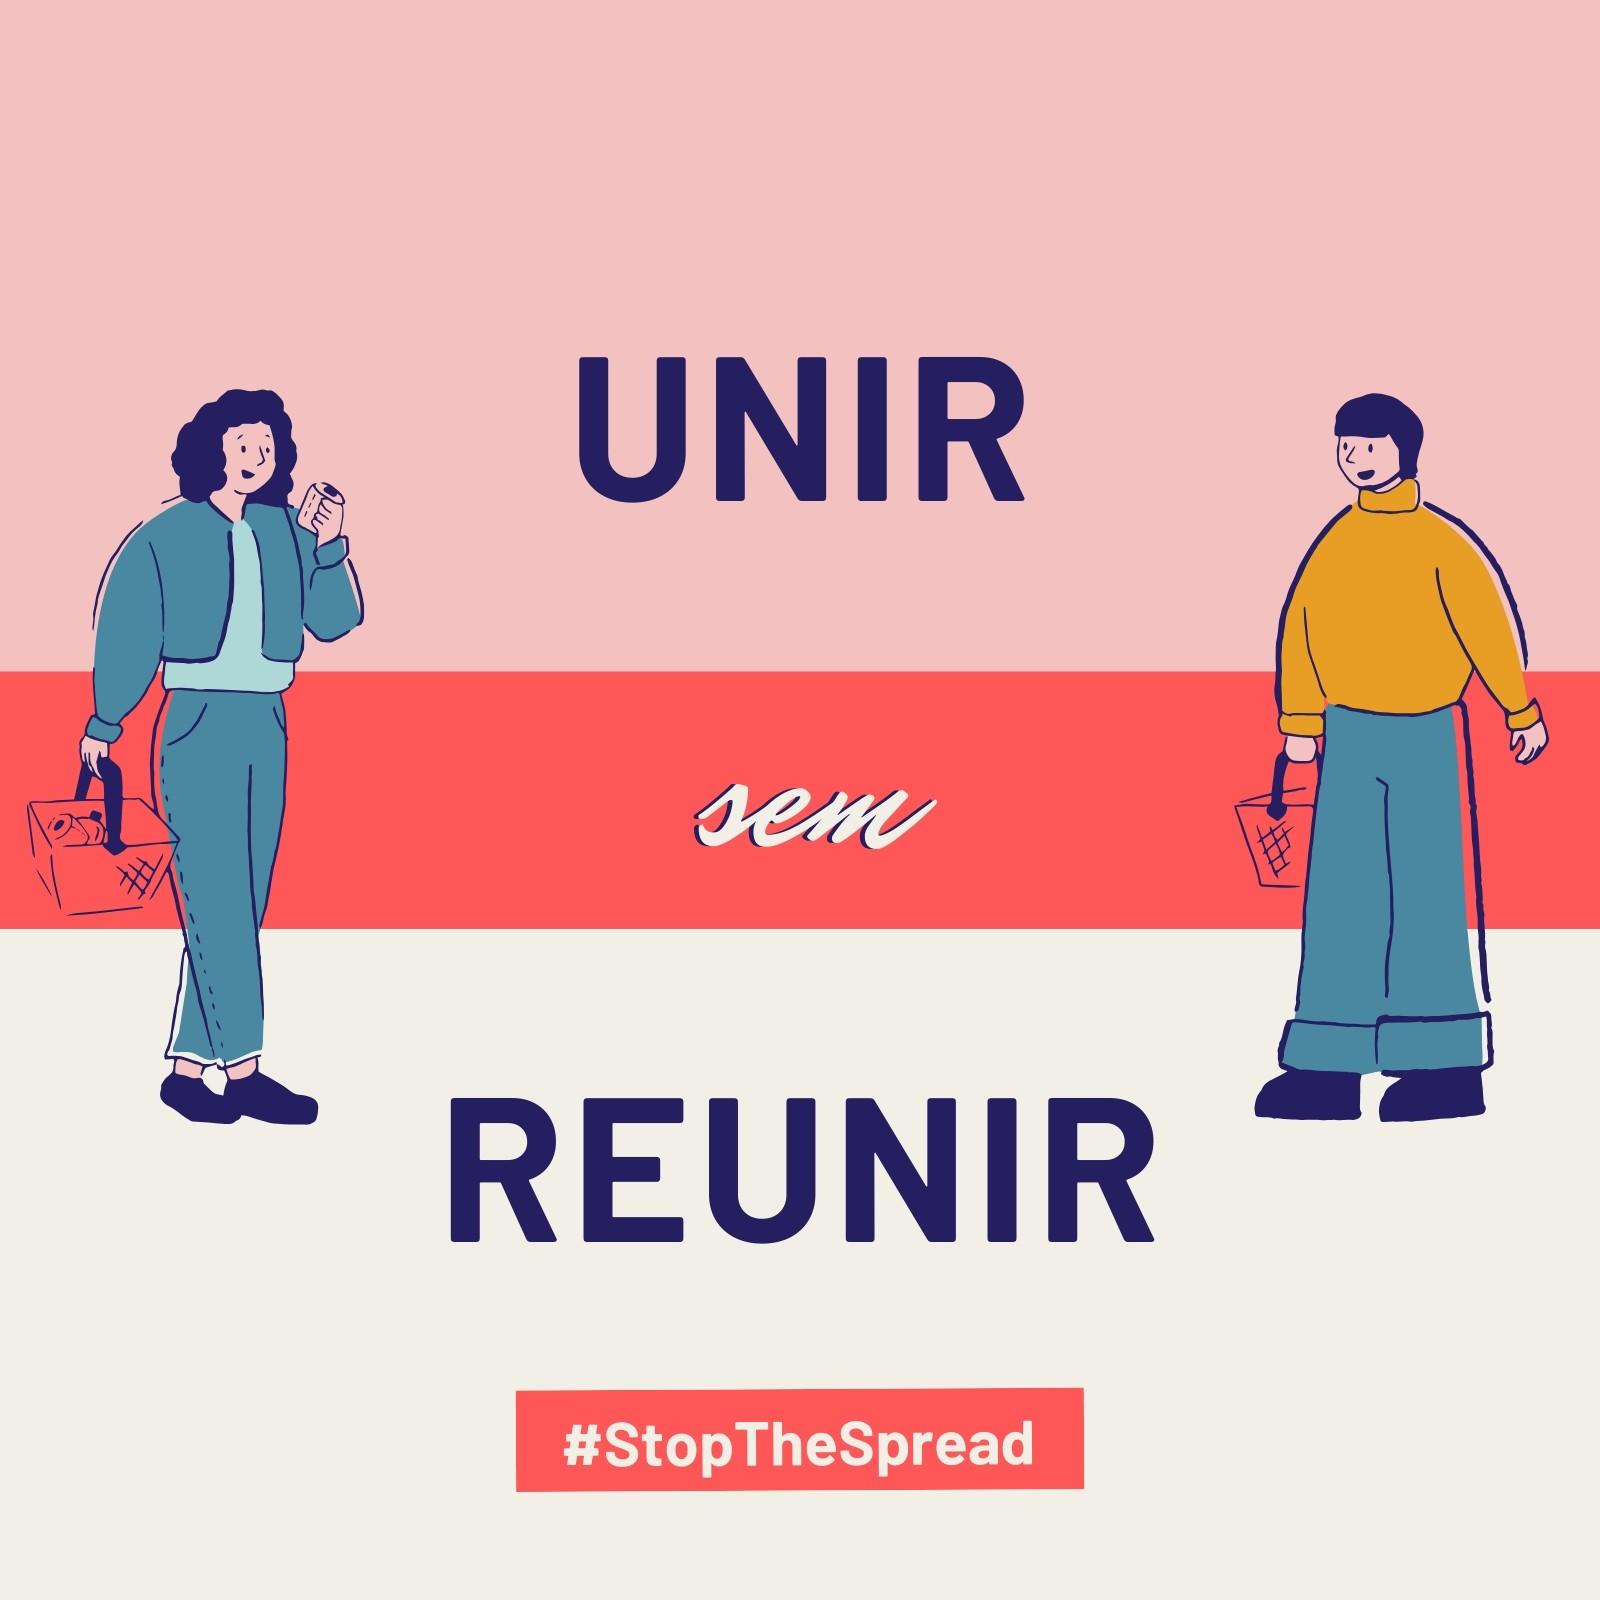 Post Rosa e Vermelho das Campanhas Stop the Spread e Unir sem Reunir para Instagram